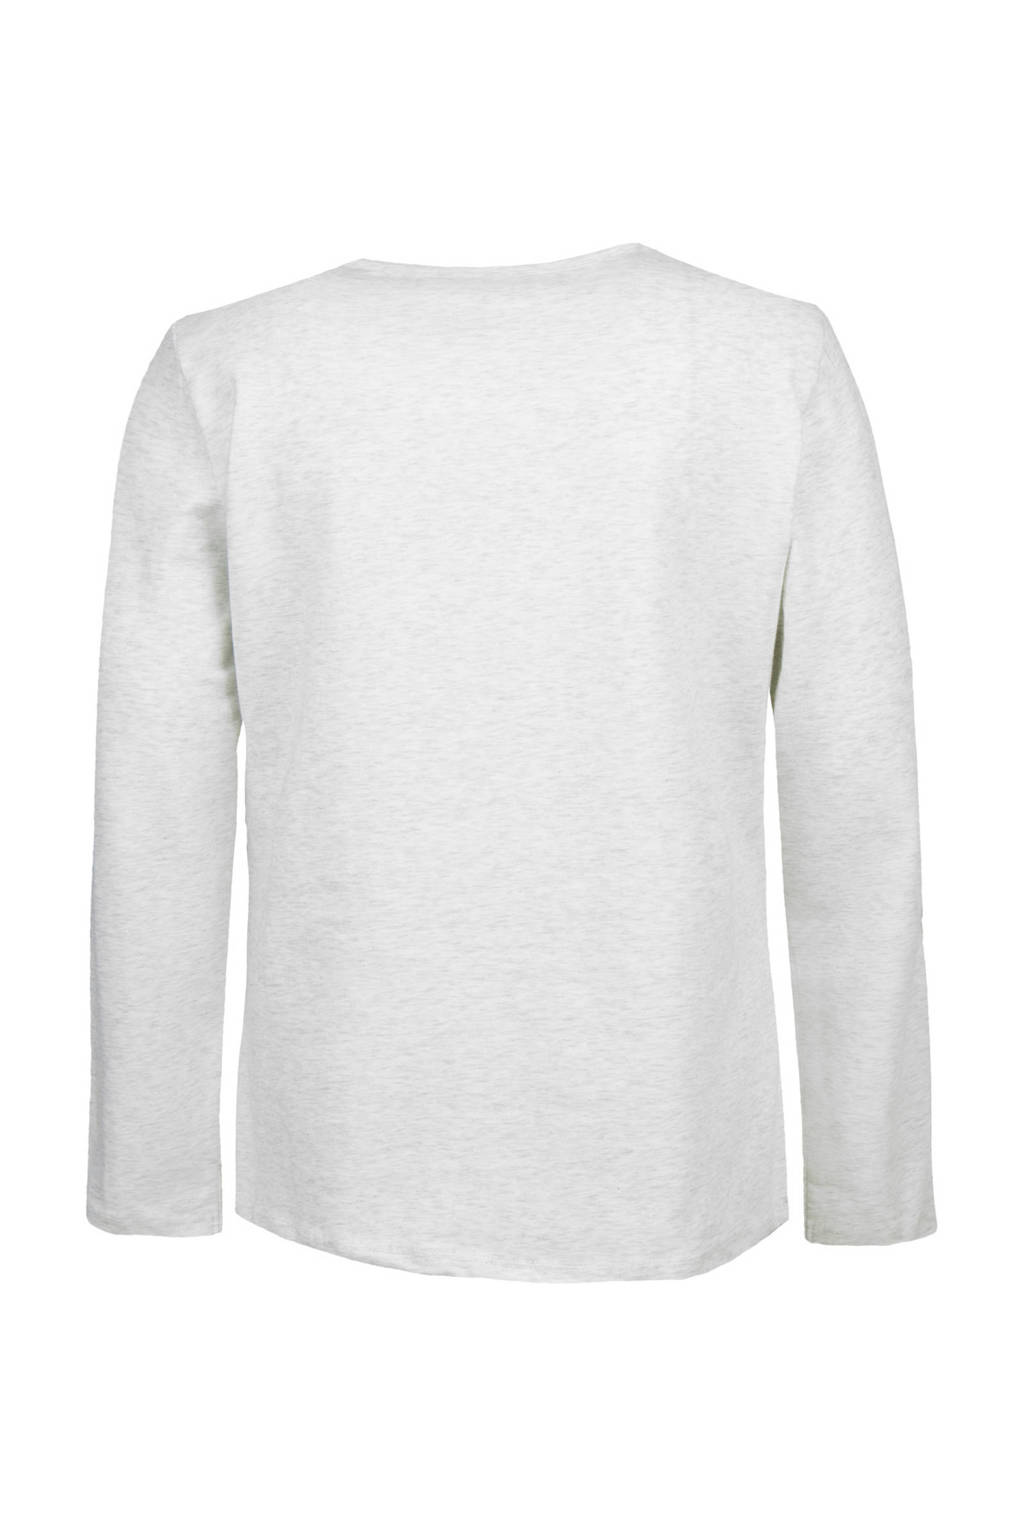 Marc O'Polo longsleeve met logo grijs, Lichtgrijs